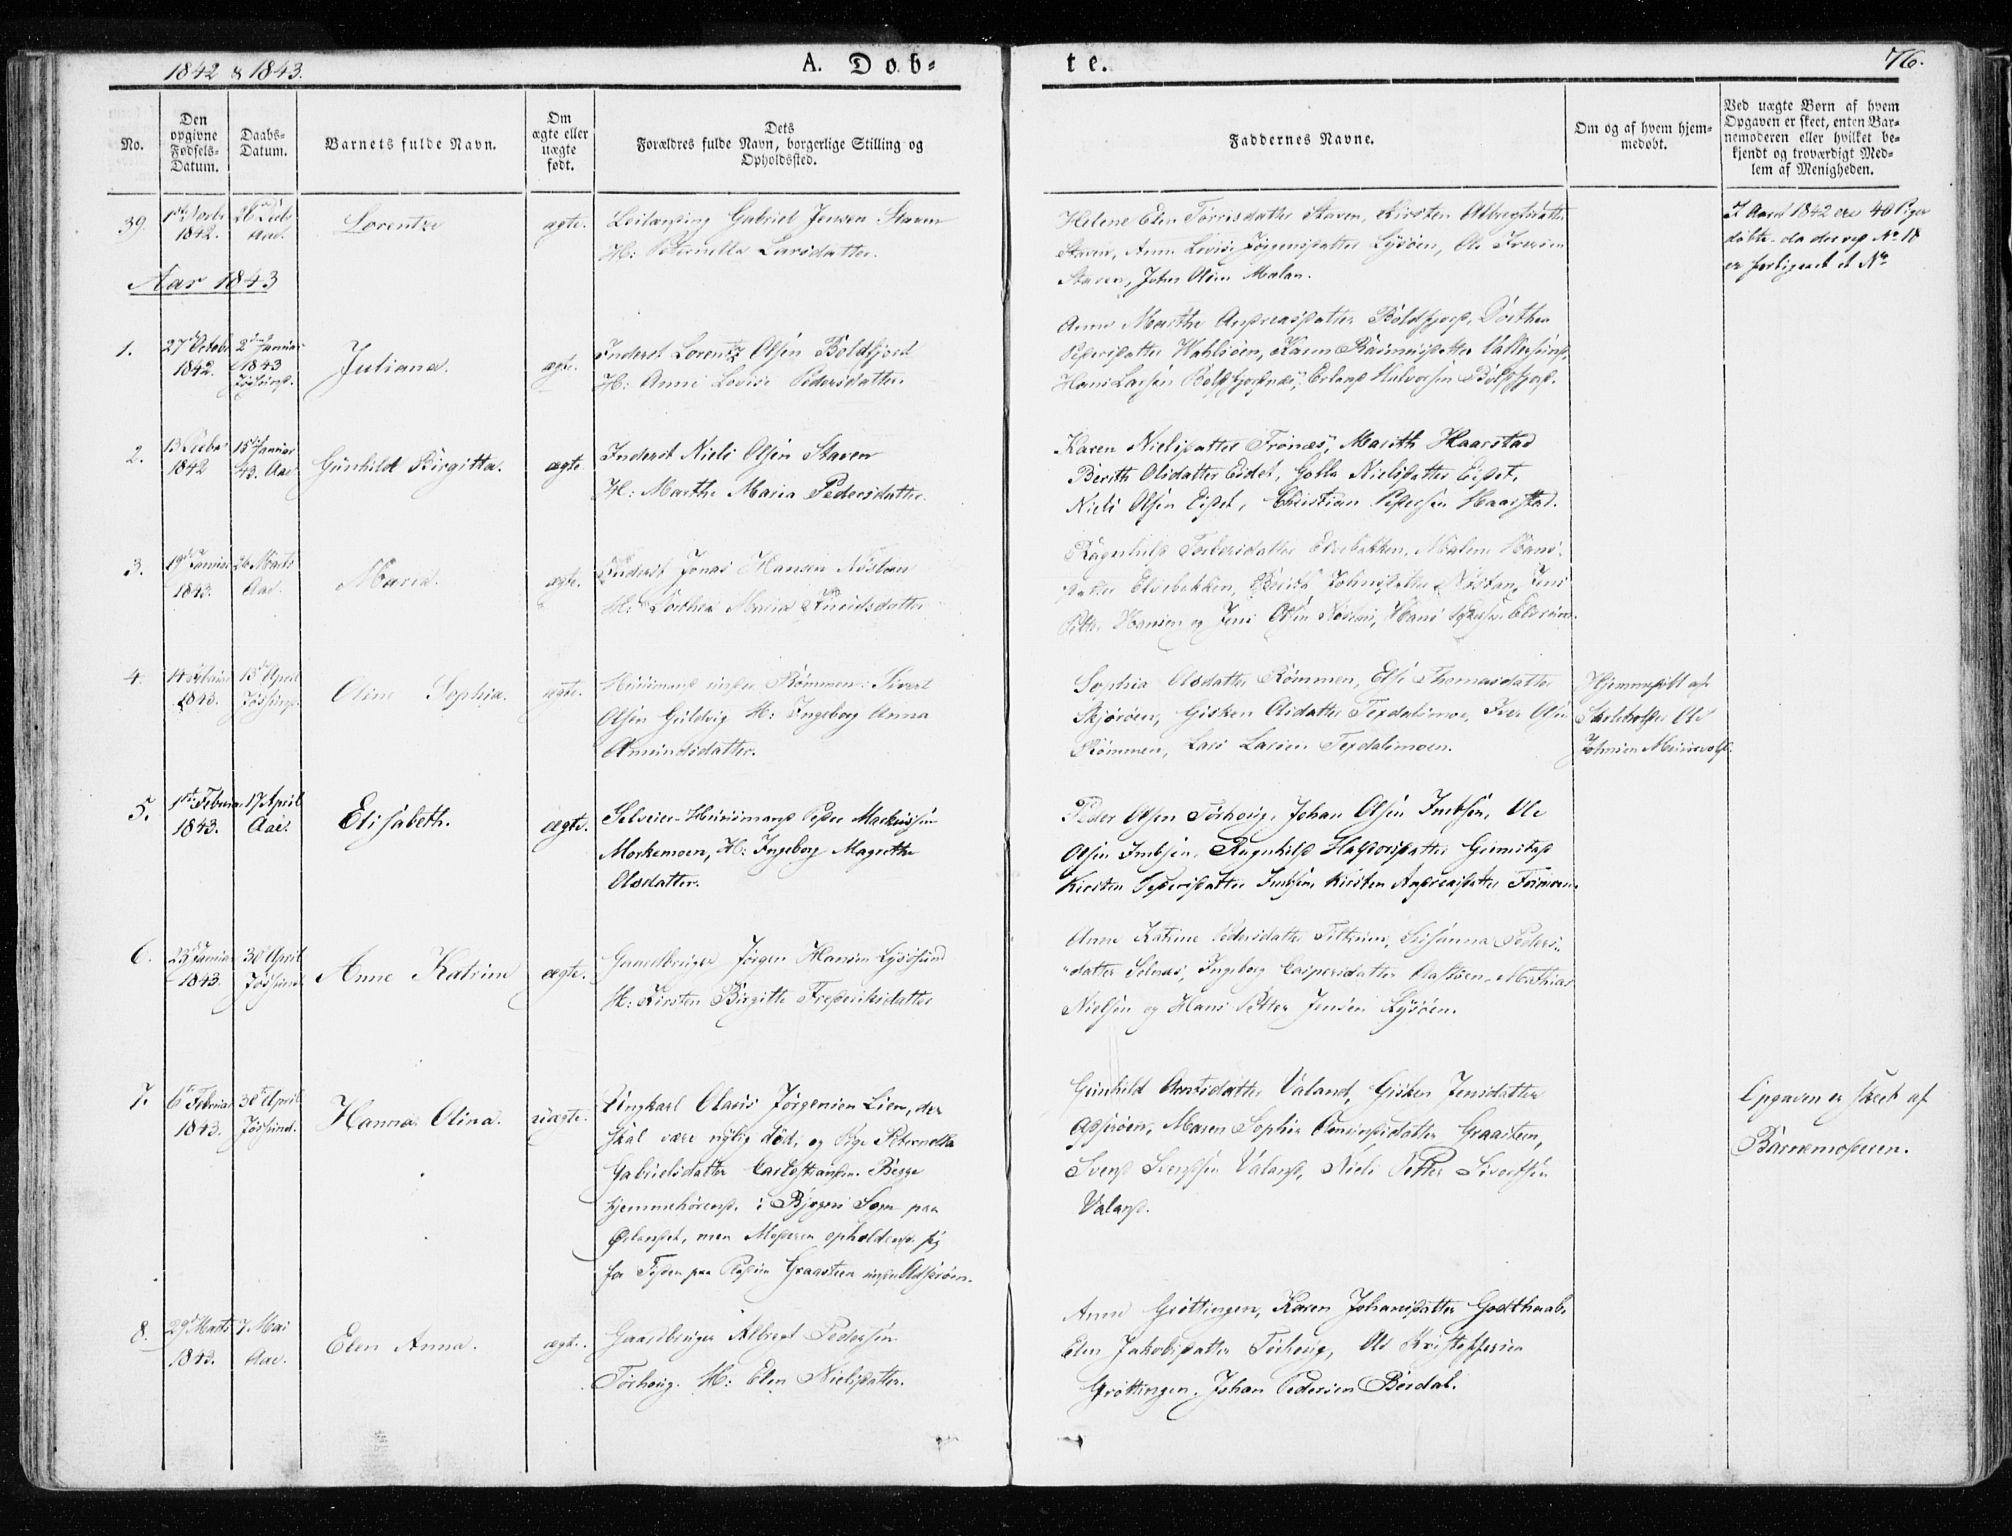 SAT, Ministerialprotokoller, klokkerbøker og fødselsregistre - Sør-Trøndelag, 655/L0676: Ministerialbok nr. 655A05, 1830-1847, s. 76